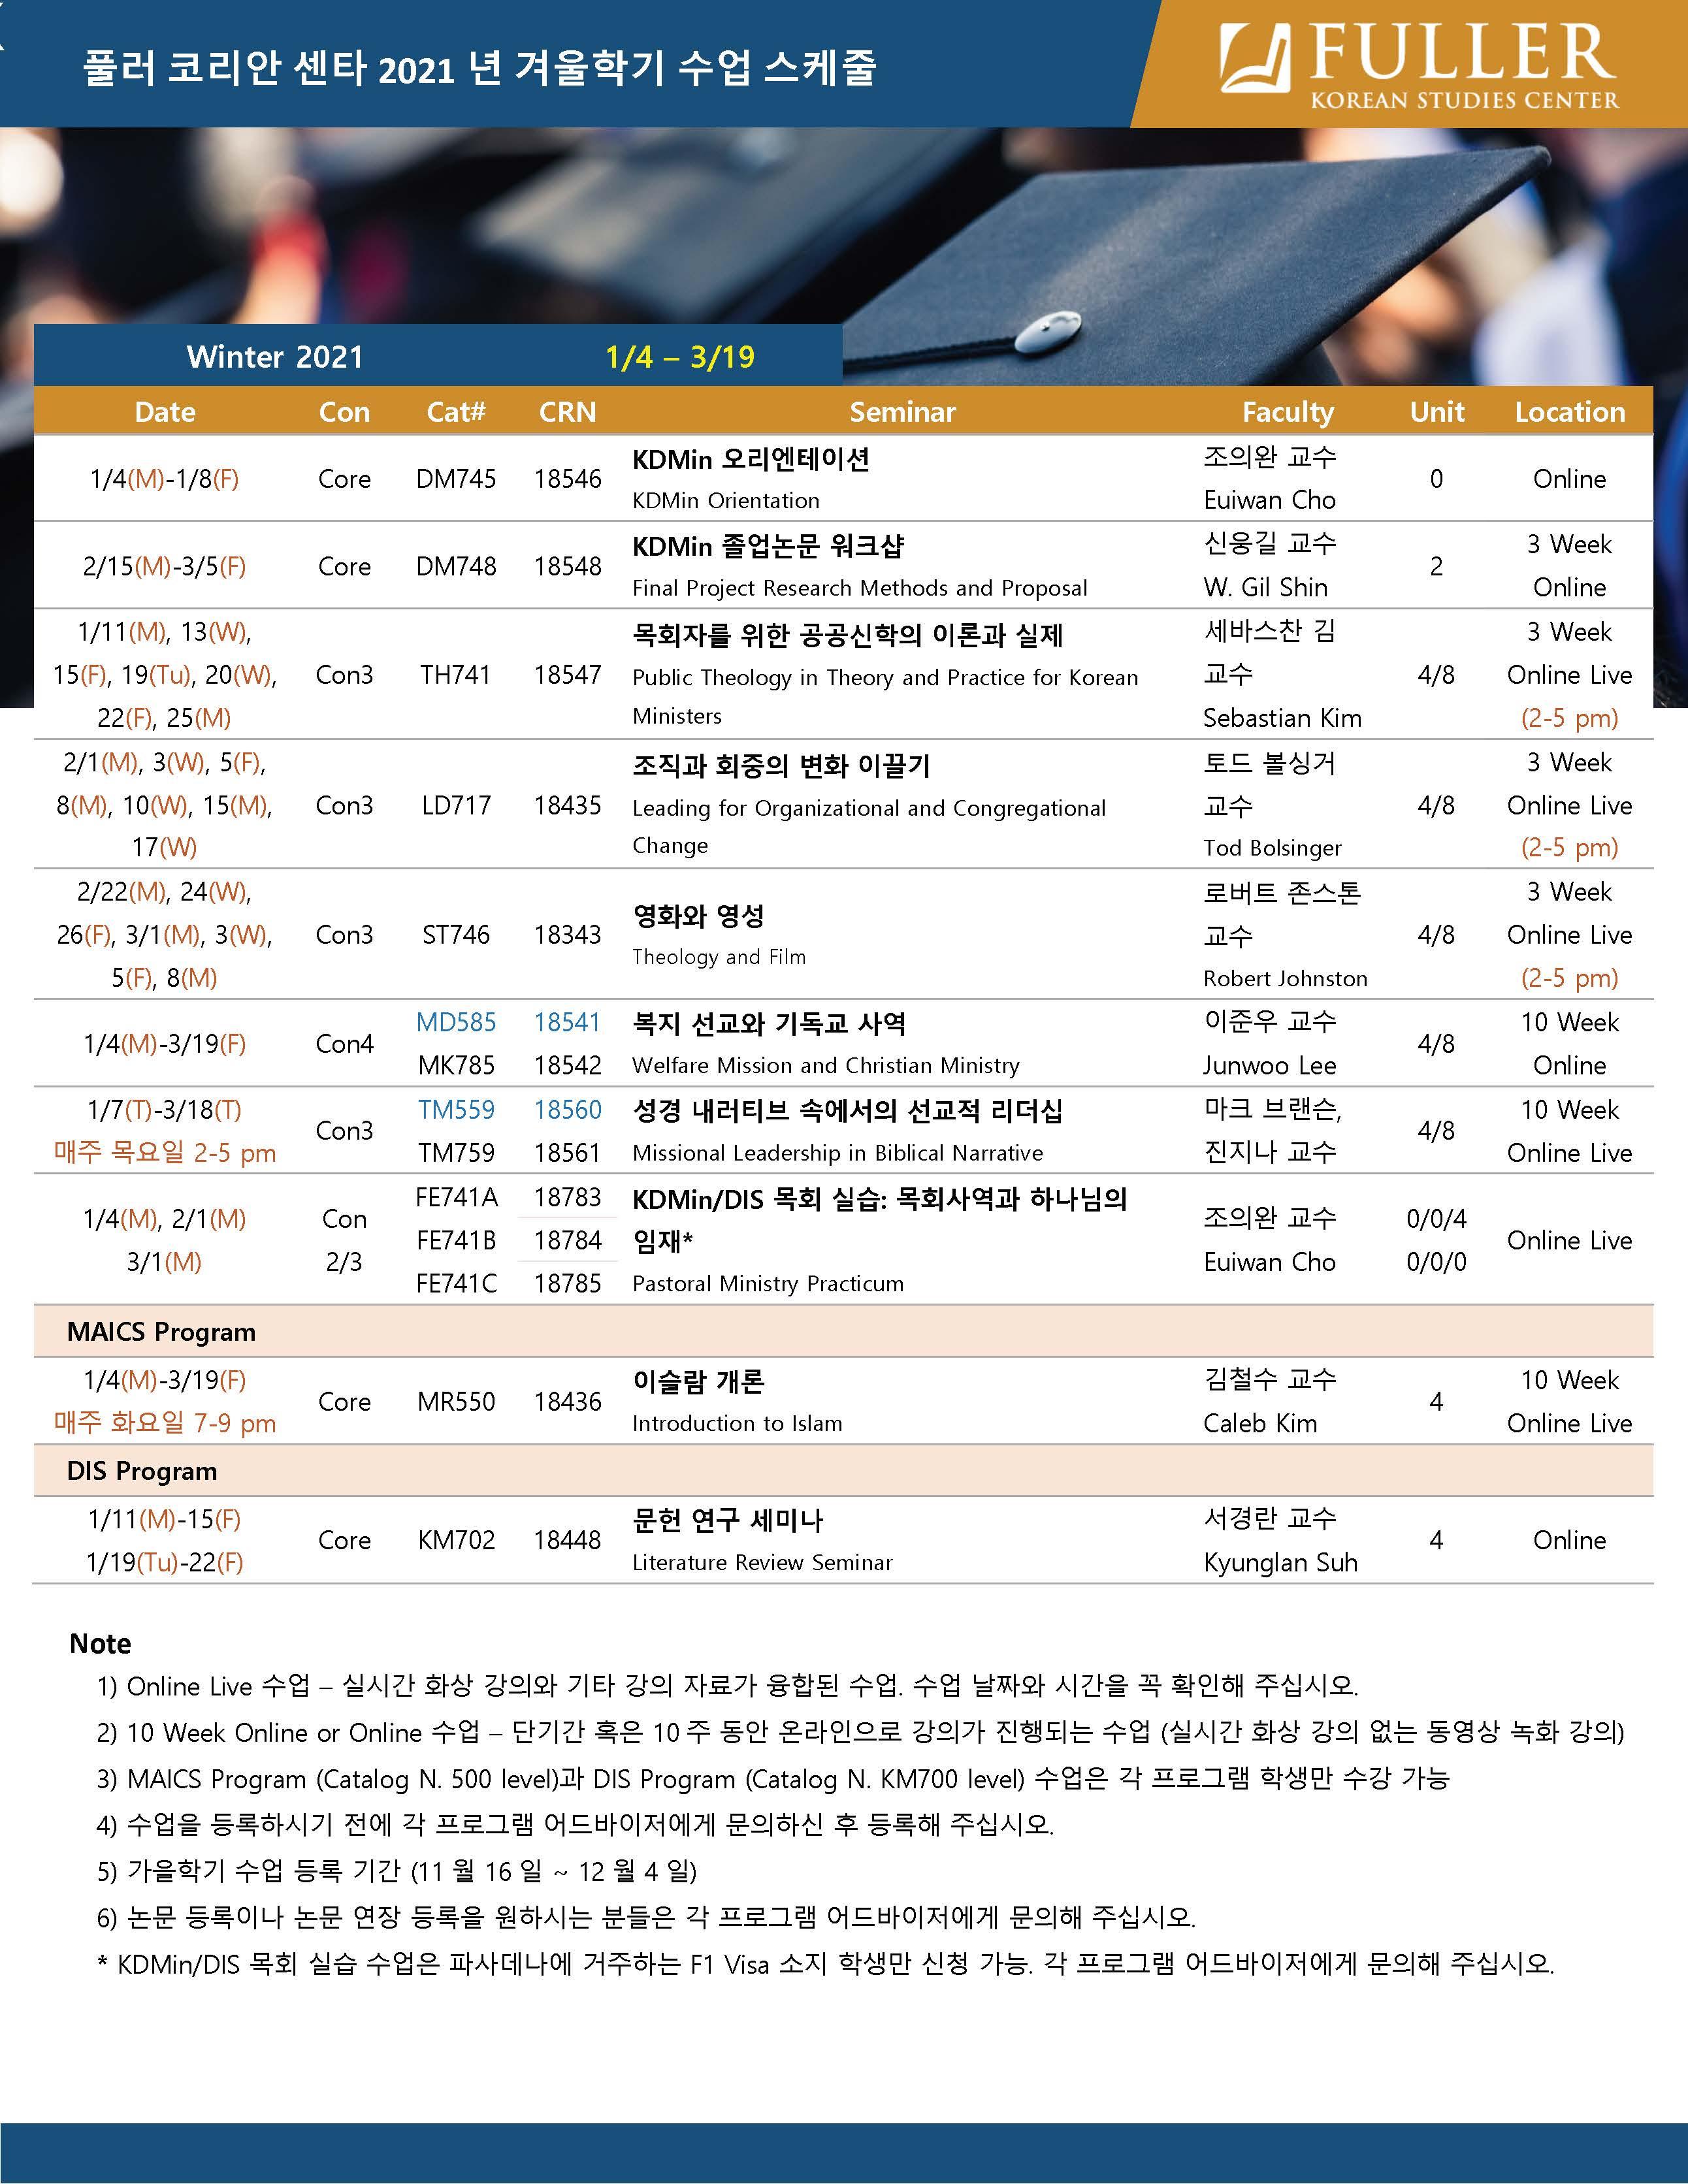 KSC Winter 2021 겨울학기 스케줄_Page_1.jpg